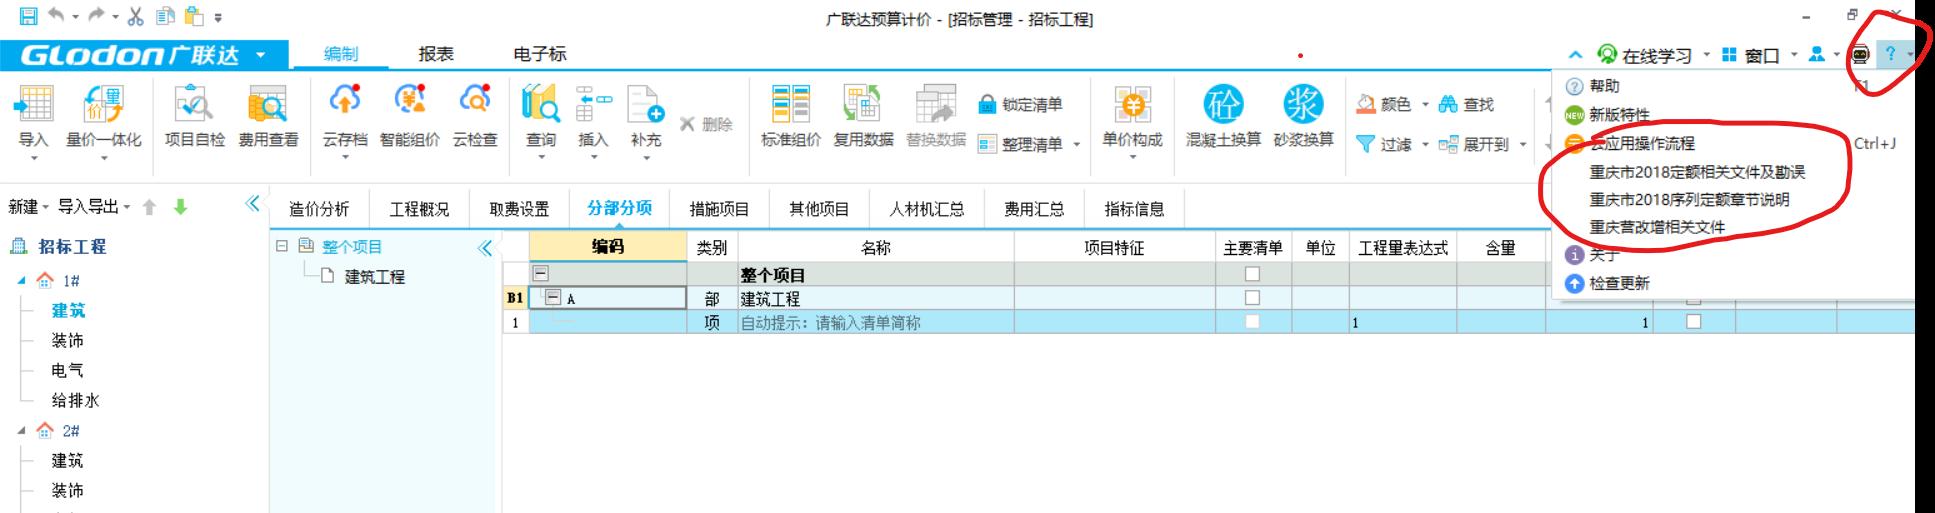 如何查看与下载广联达计价软件里面的定额说明?